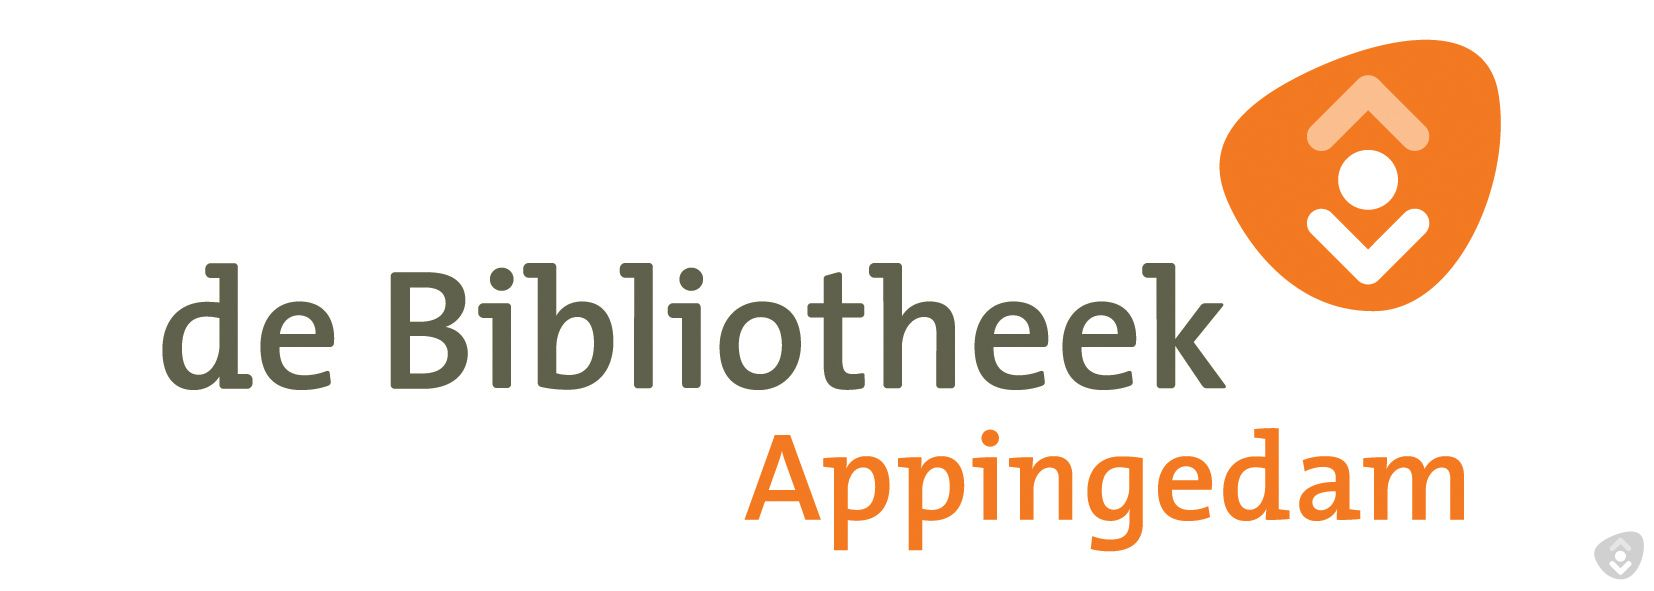 Biblio_lang_RGB_Appingedam.jpg (54134 bytes)